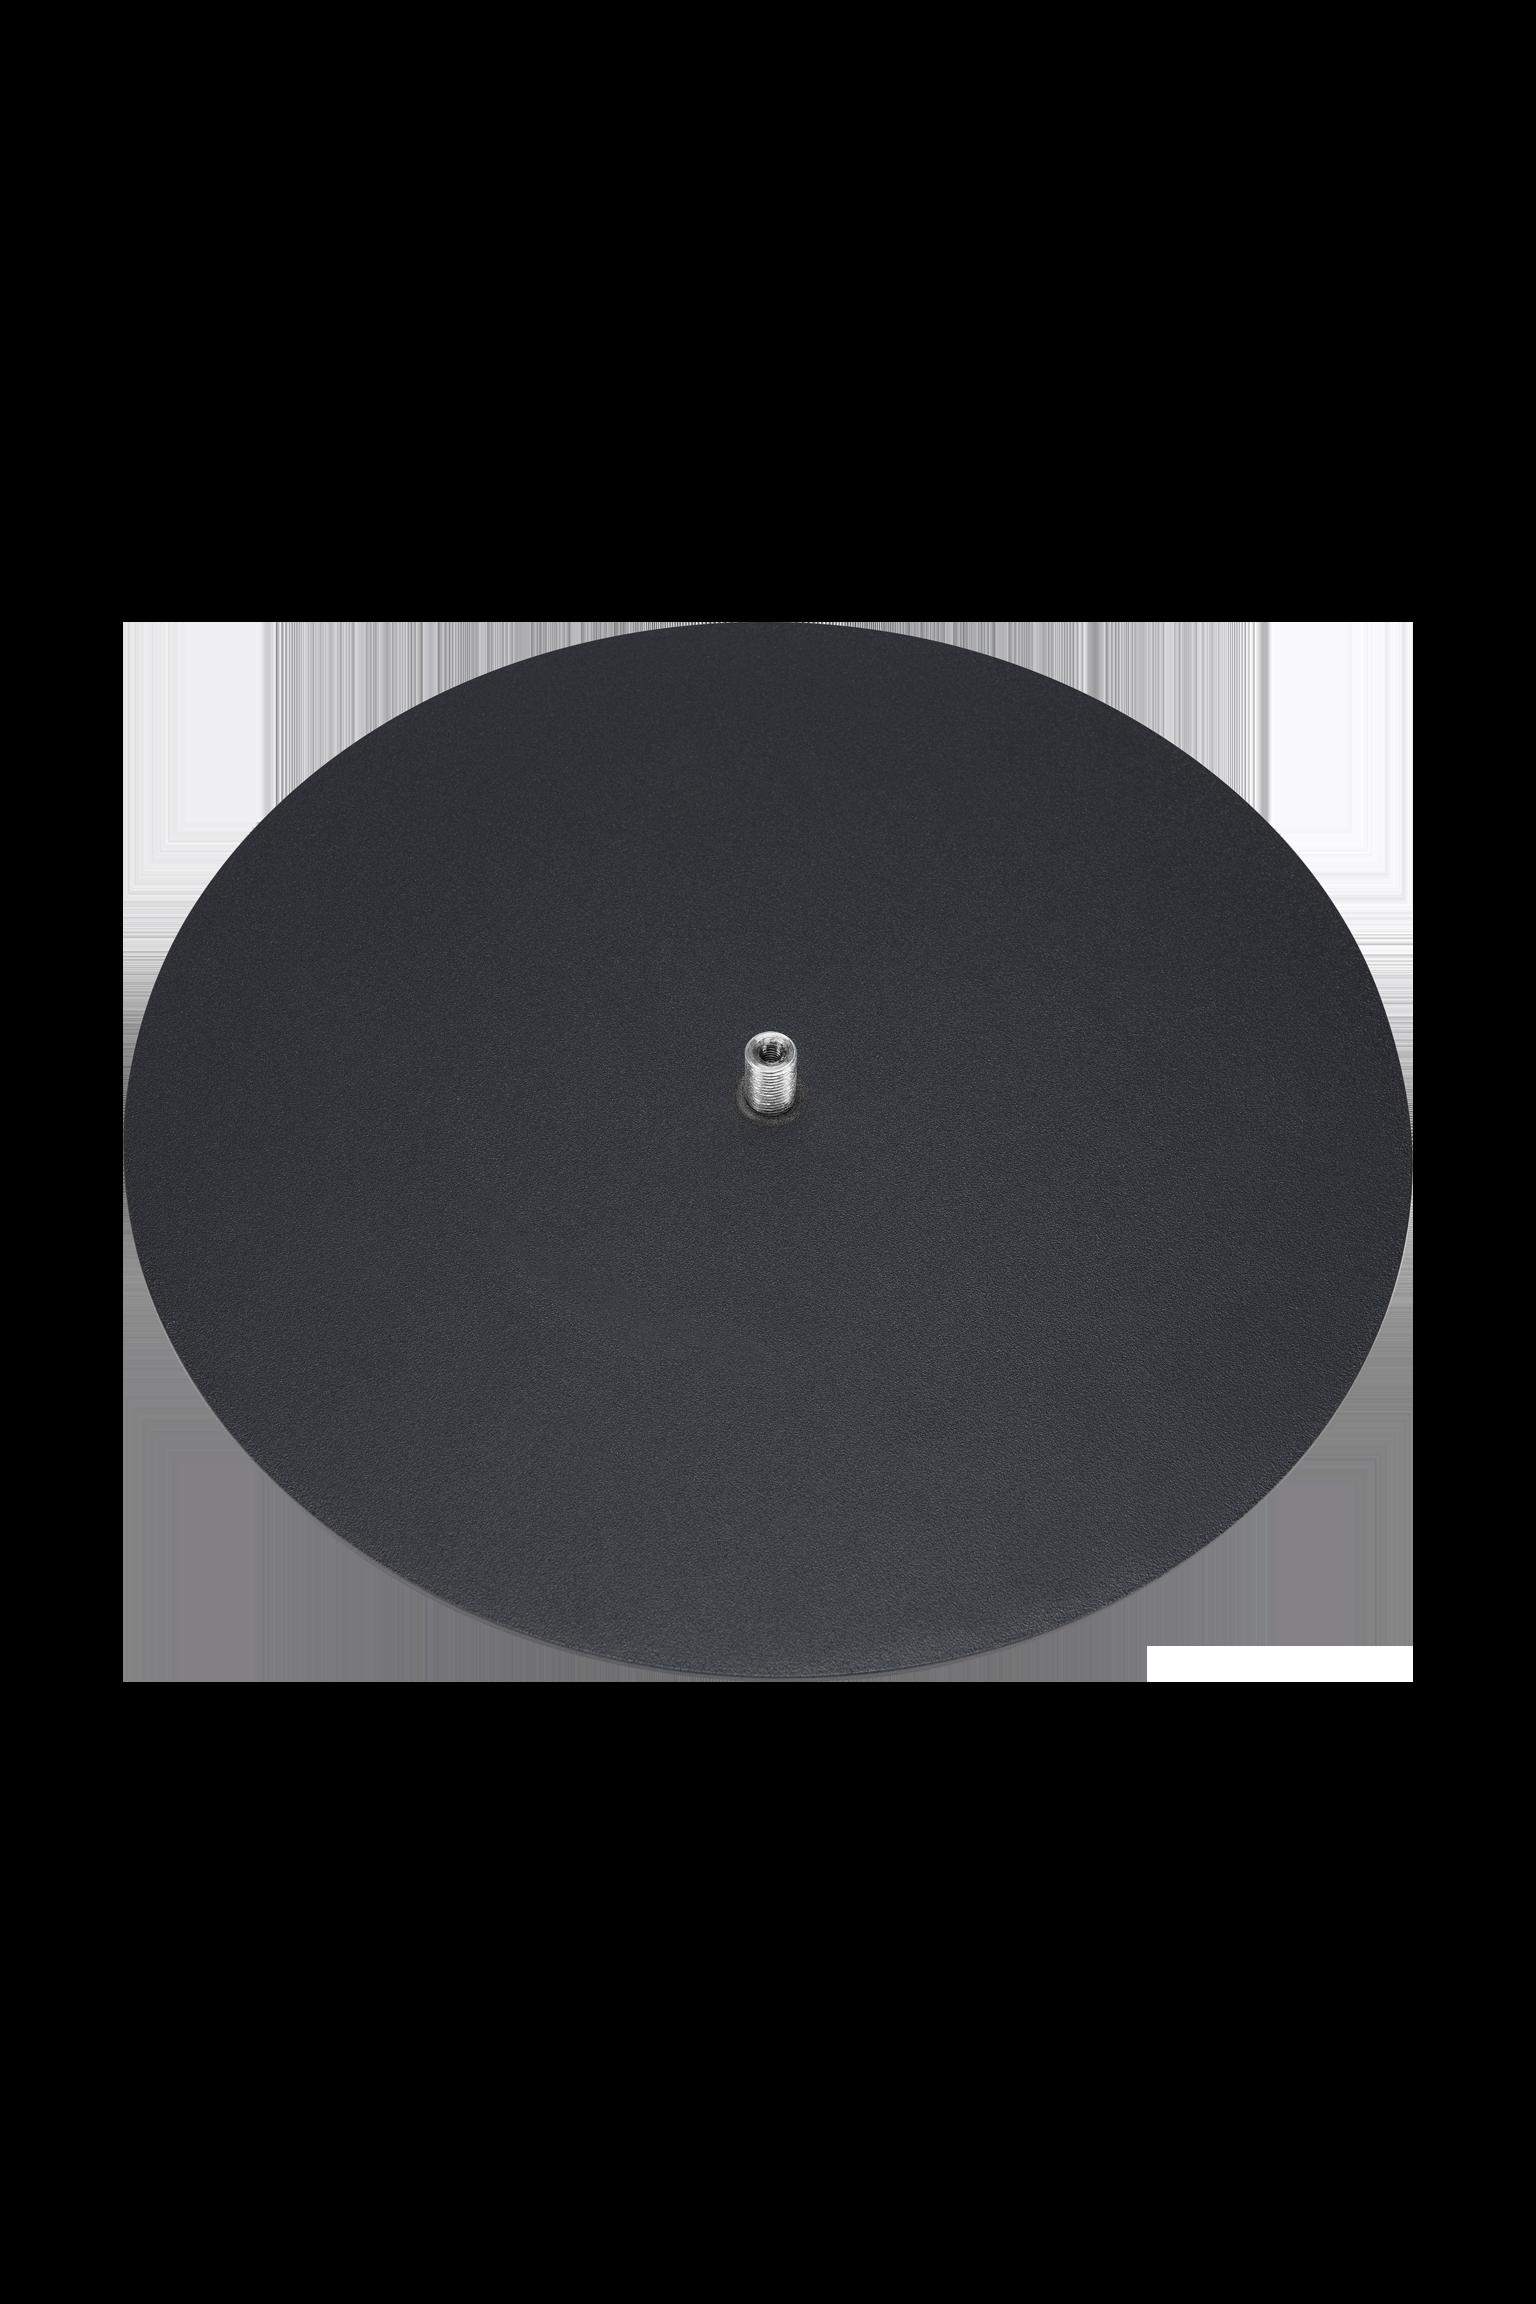 GARDEN24 - Ground plate